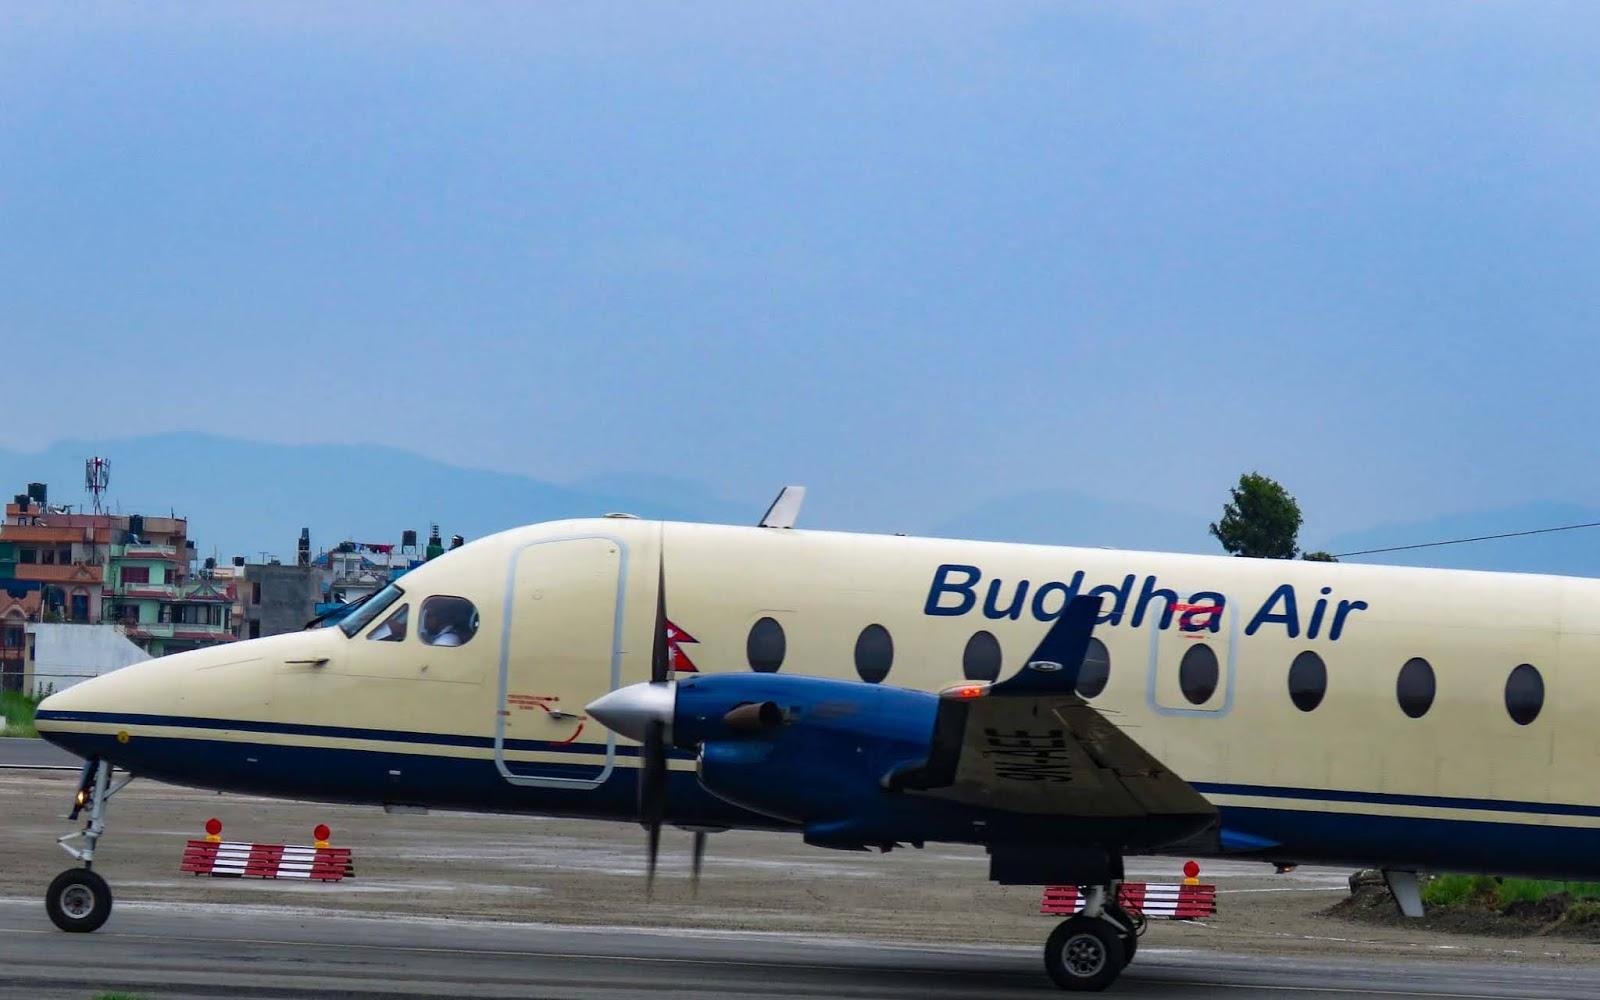 Buddha air aircraft